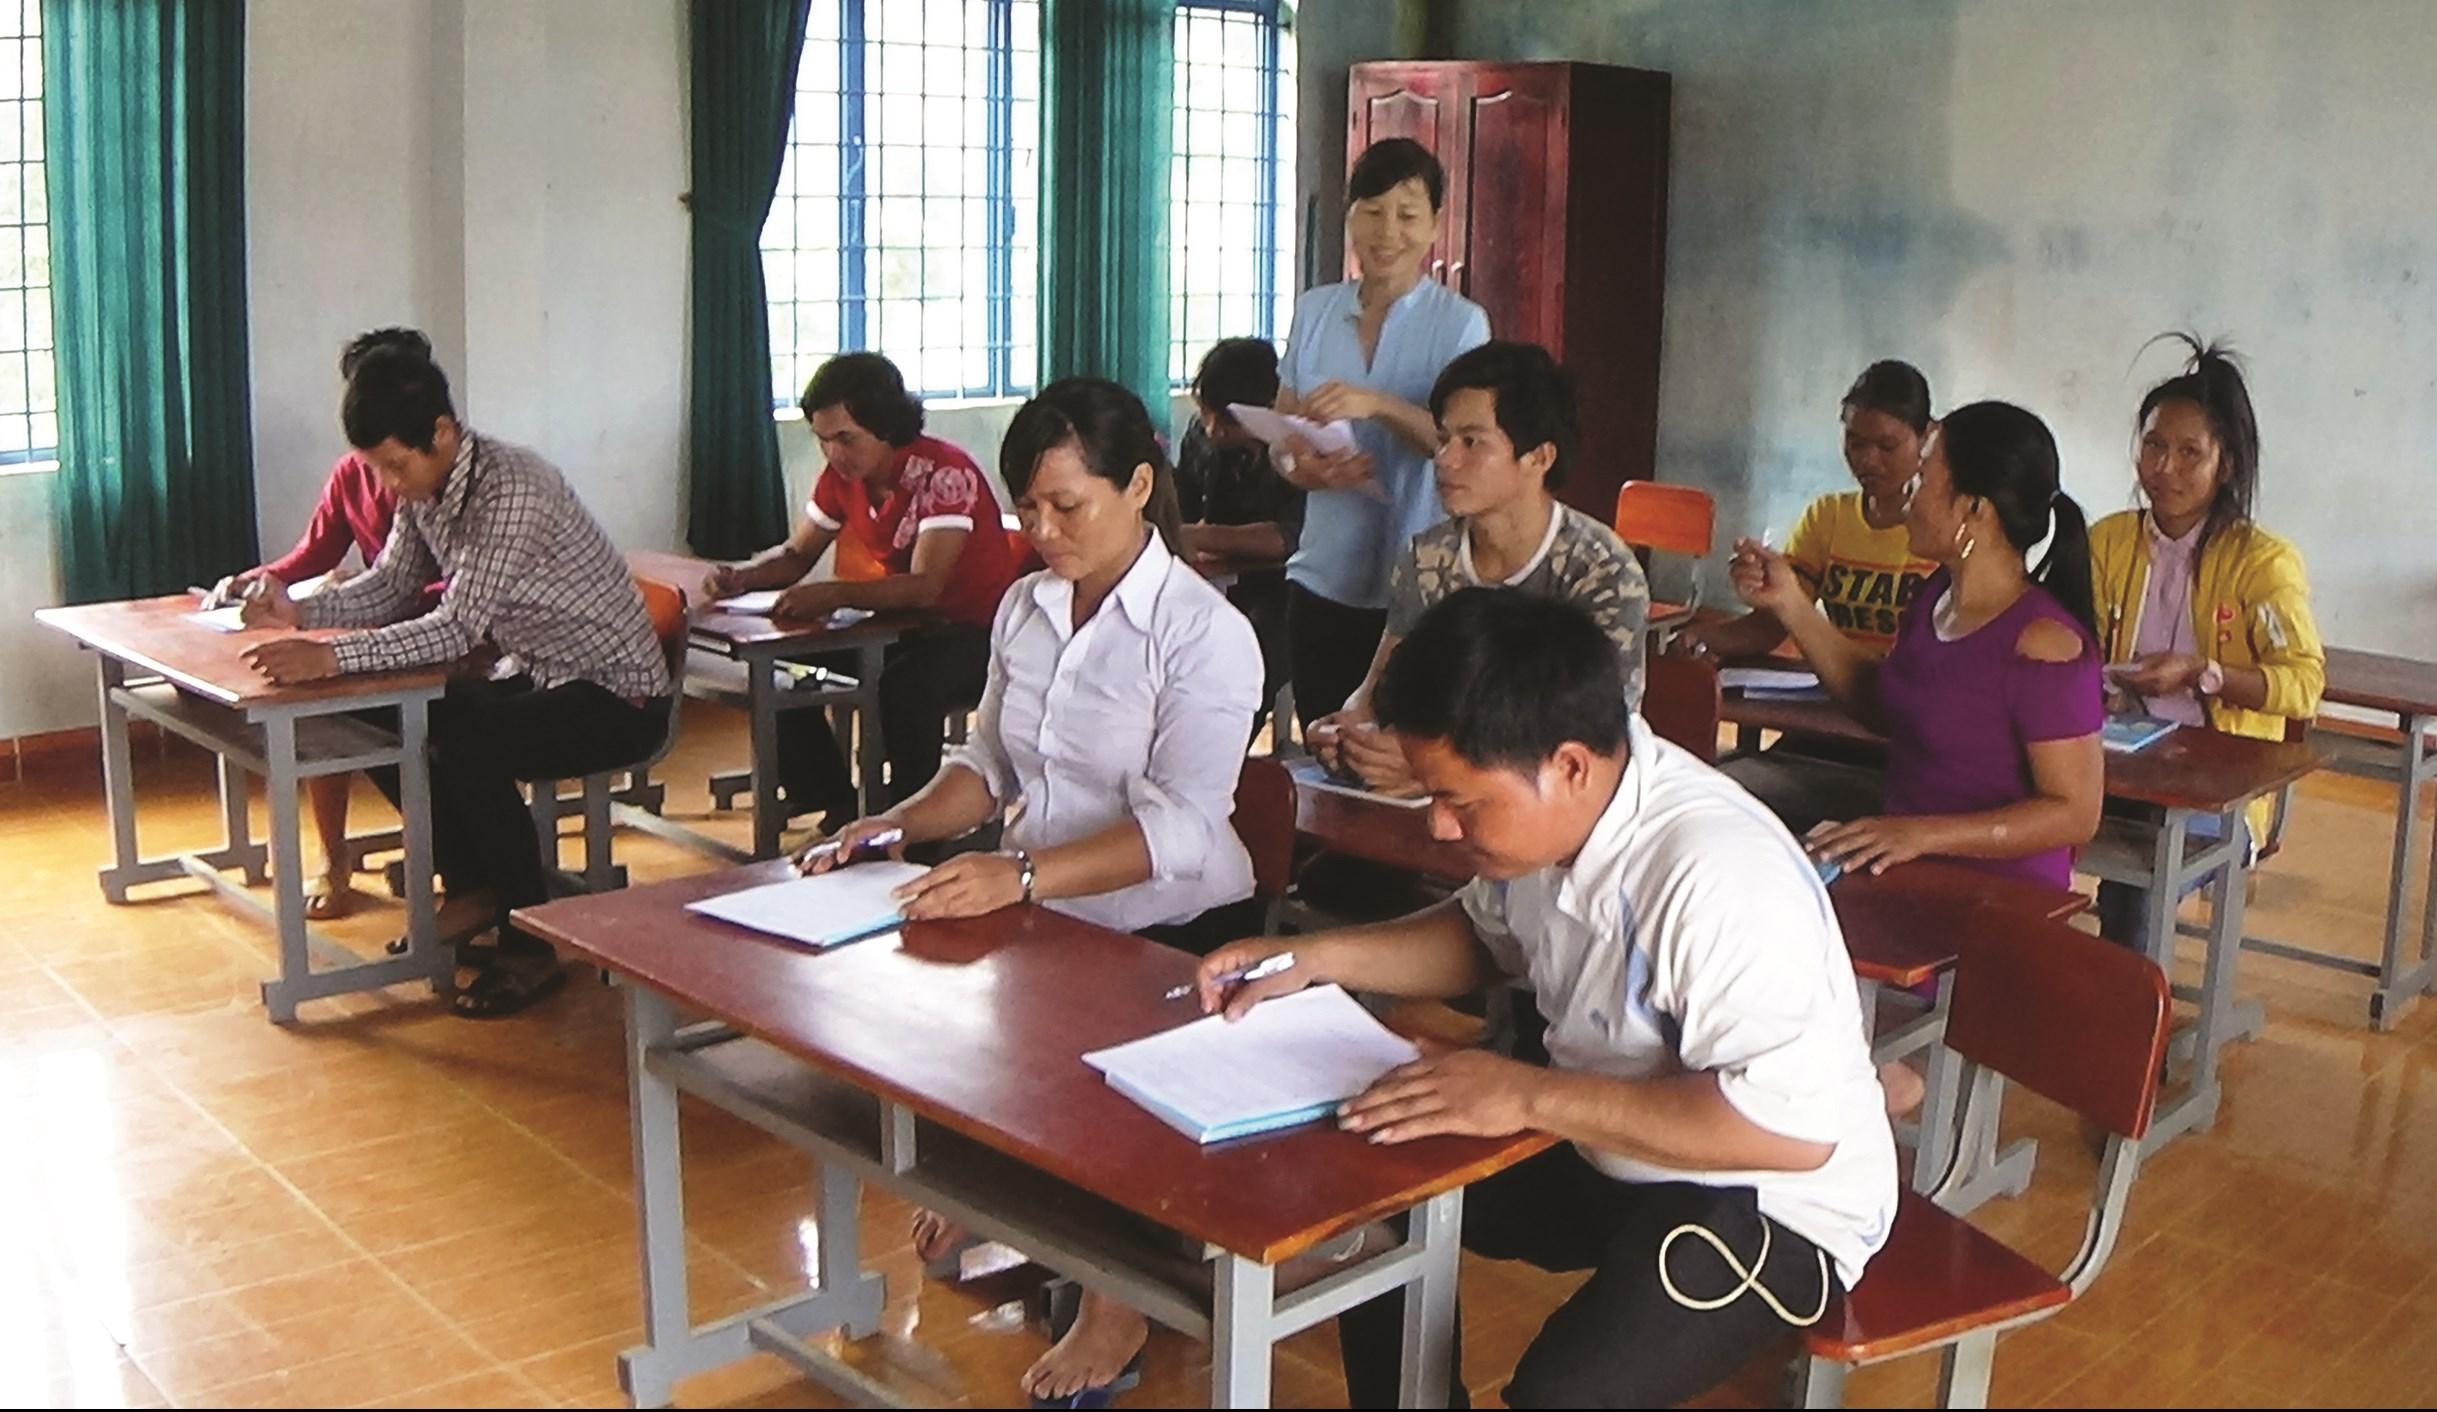 Để duy trì lớp học, các thầy cô giáo phải hy sinh hạnh phúc riêng tư với tâm nguyện xóa mù cho đồng bào DTTS